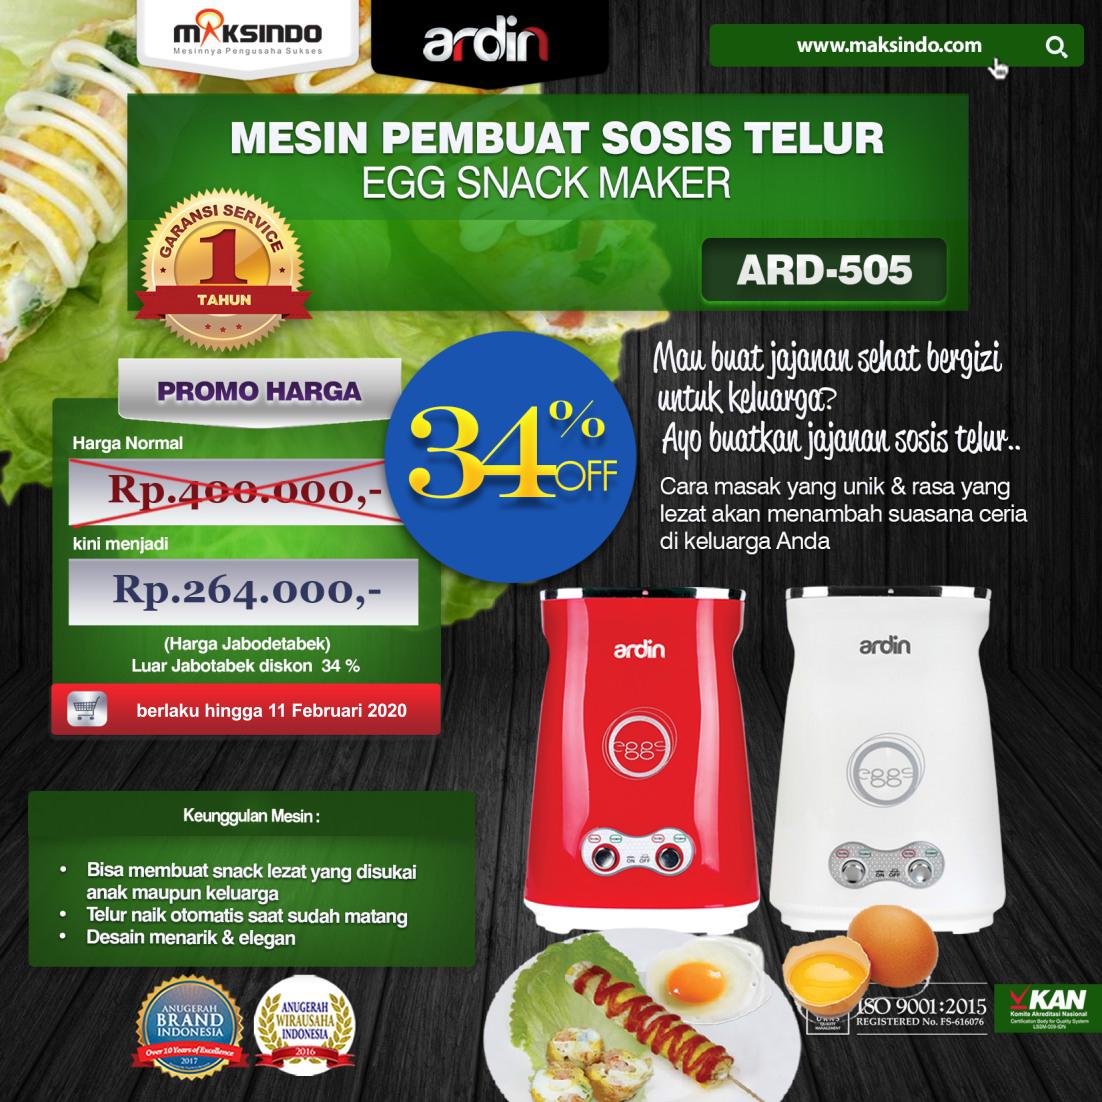 Jual Mesin Sosis Telur 2 Lubang ARDIN ARD-505 di Bandung